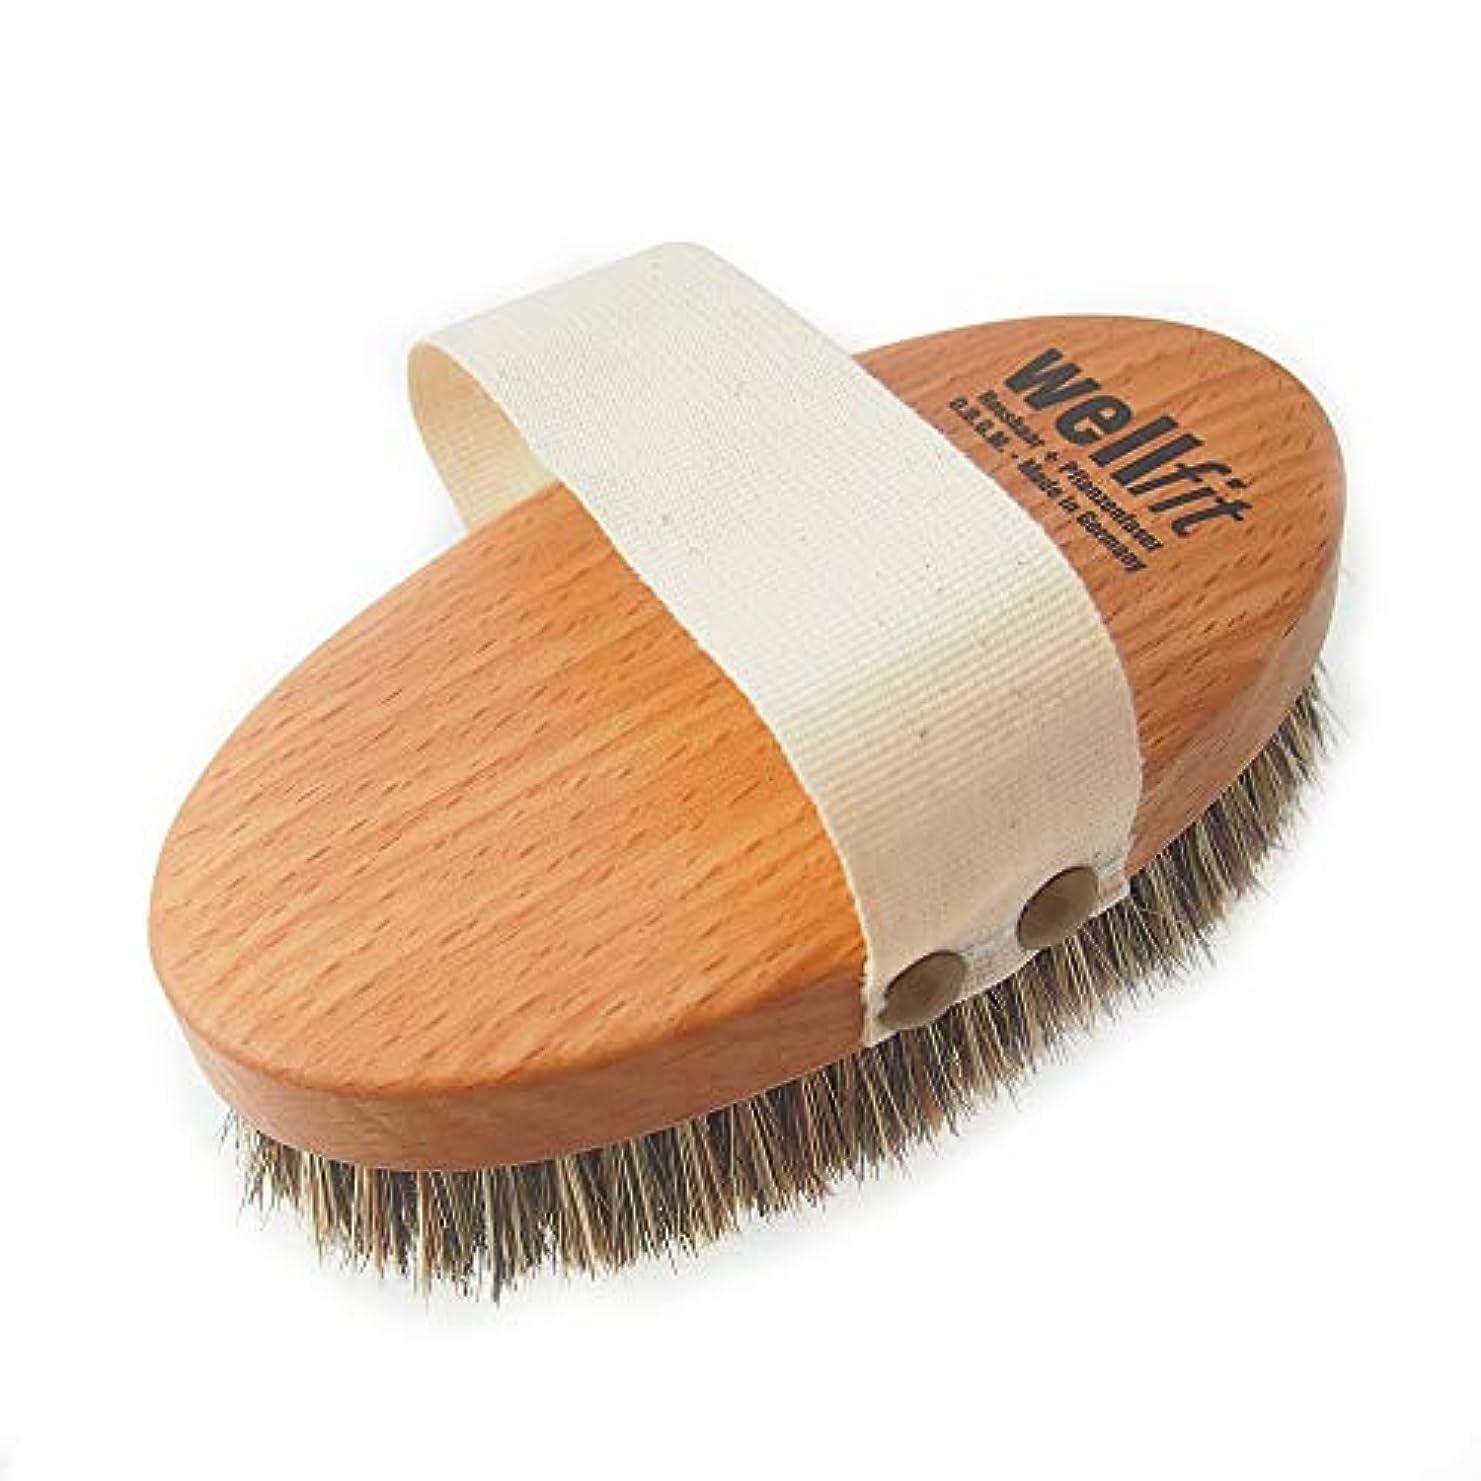 最大泥棒暴力レデッカー Redecker マッサージブラシ(ミディアムハード 馬毛と植物毛の混毛植毛) 正規品